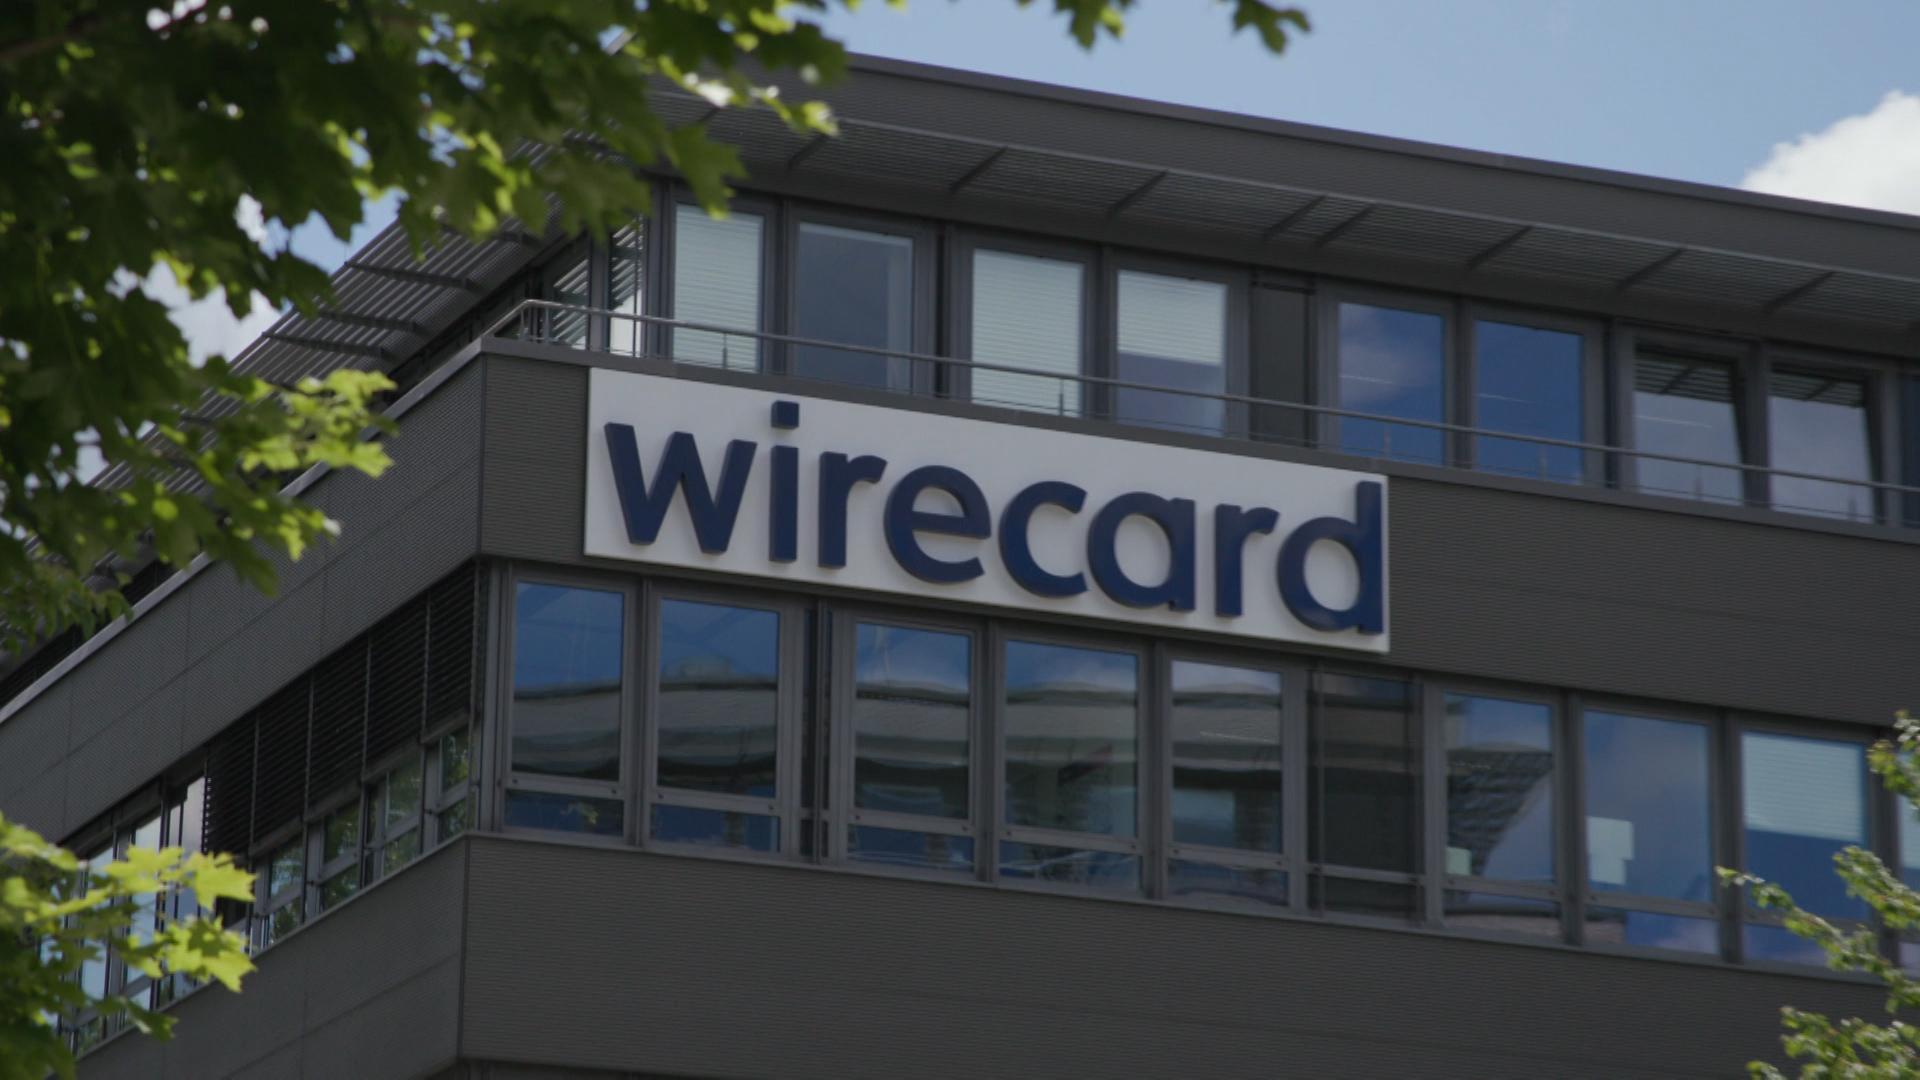 Medienbericht: Wirecard-Manager Marsalek will sich nicht der Justiz stellen